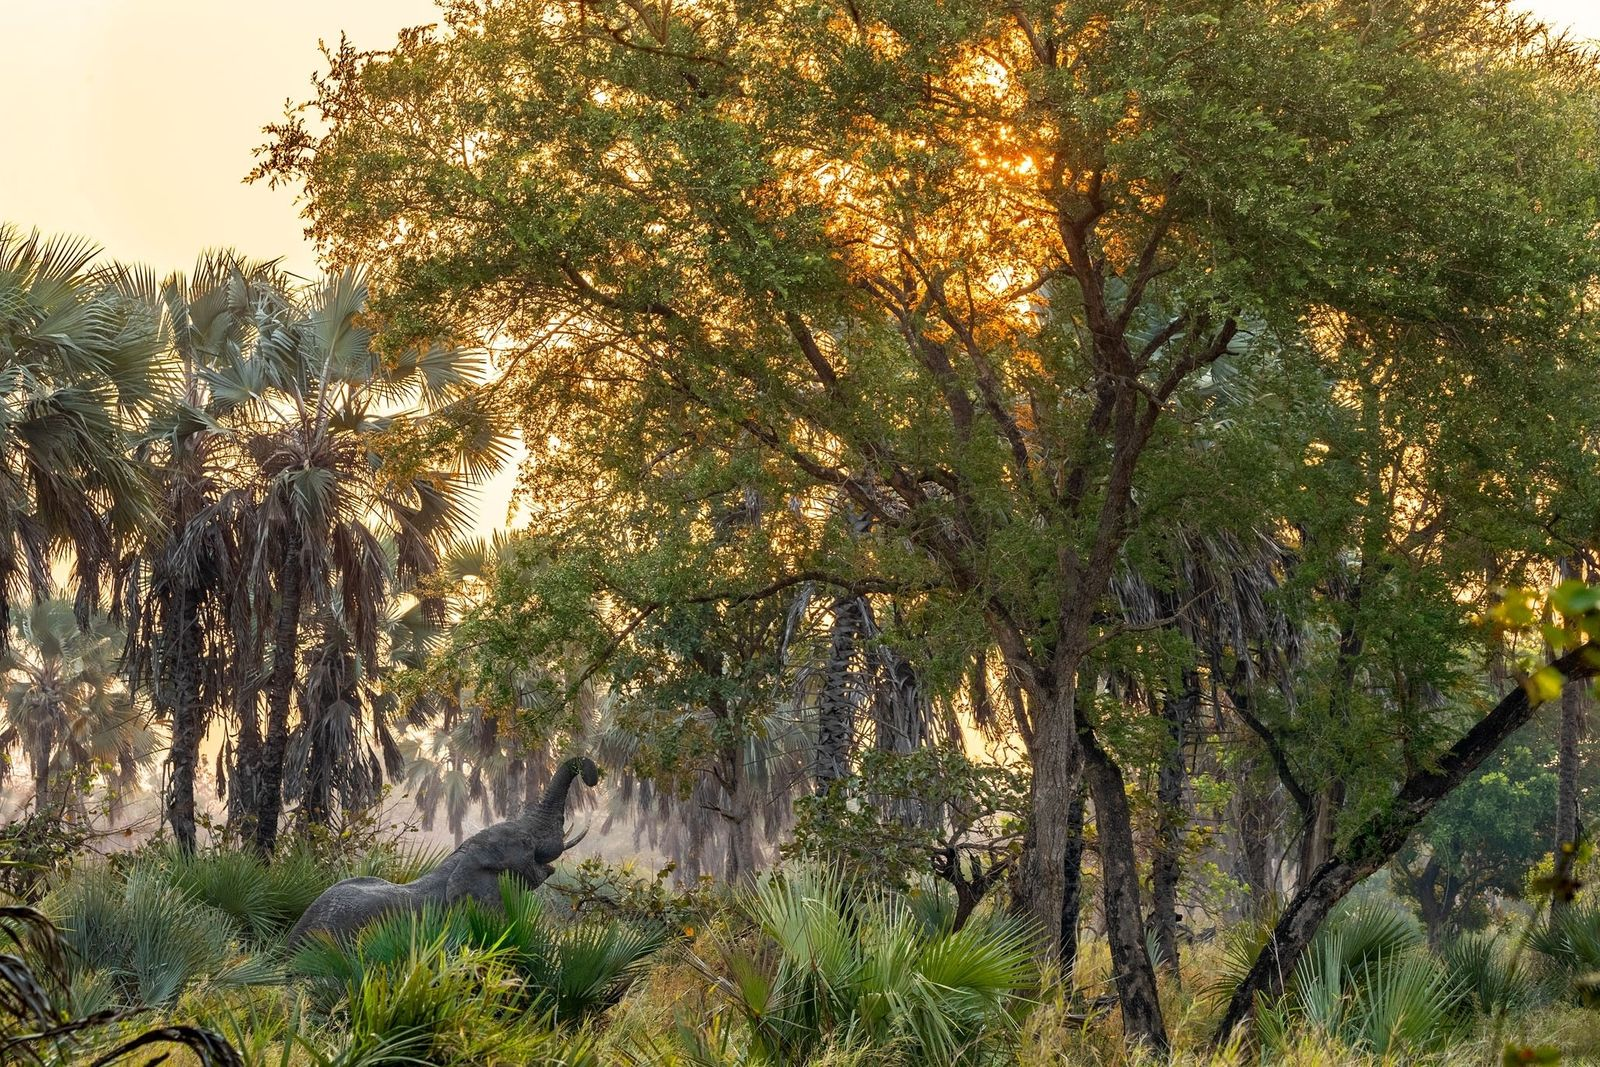 Um elefante a petiscar no Parque Nacional da Gorongosa, em Moçambique. A maioria dos elefantes do ...